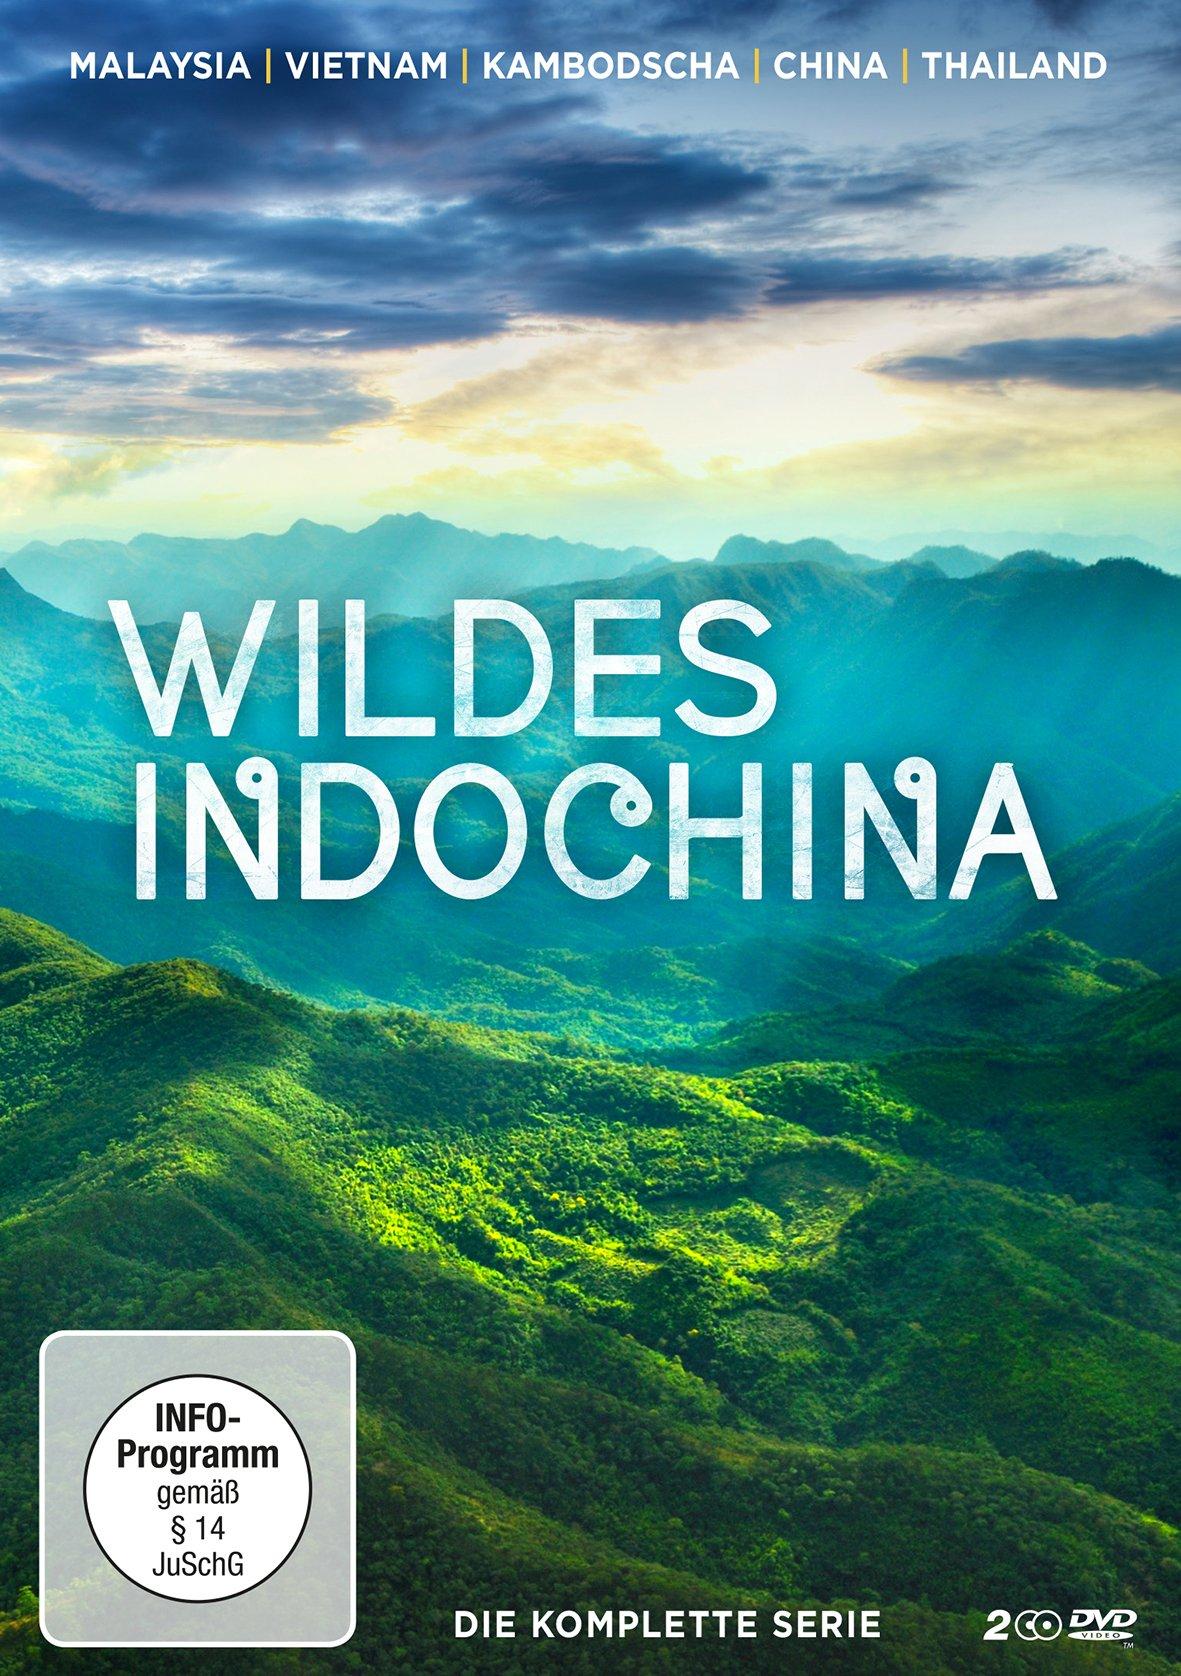 Wildes Indochina (2 DVDs) (Malaysia l Vietnam l Kambodscha l Thailand l China) [Edizione: Germania]